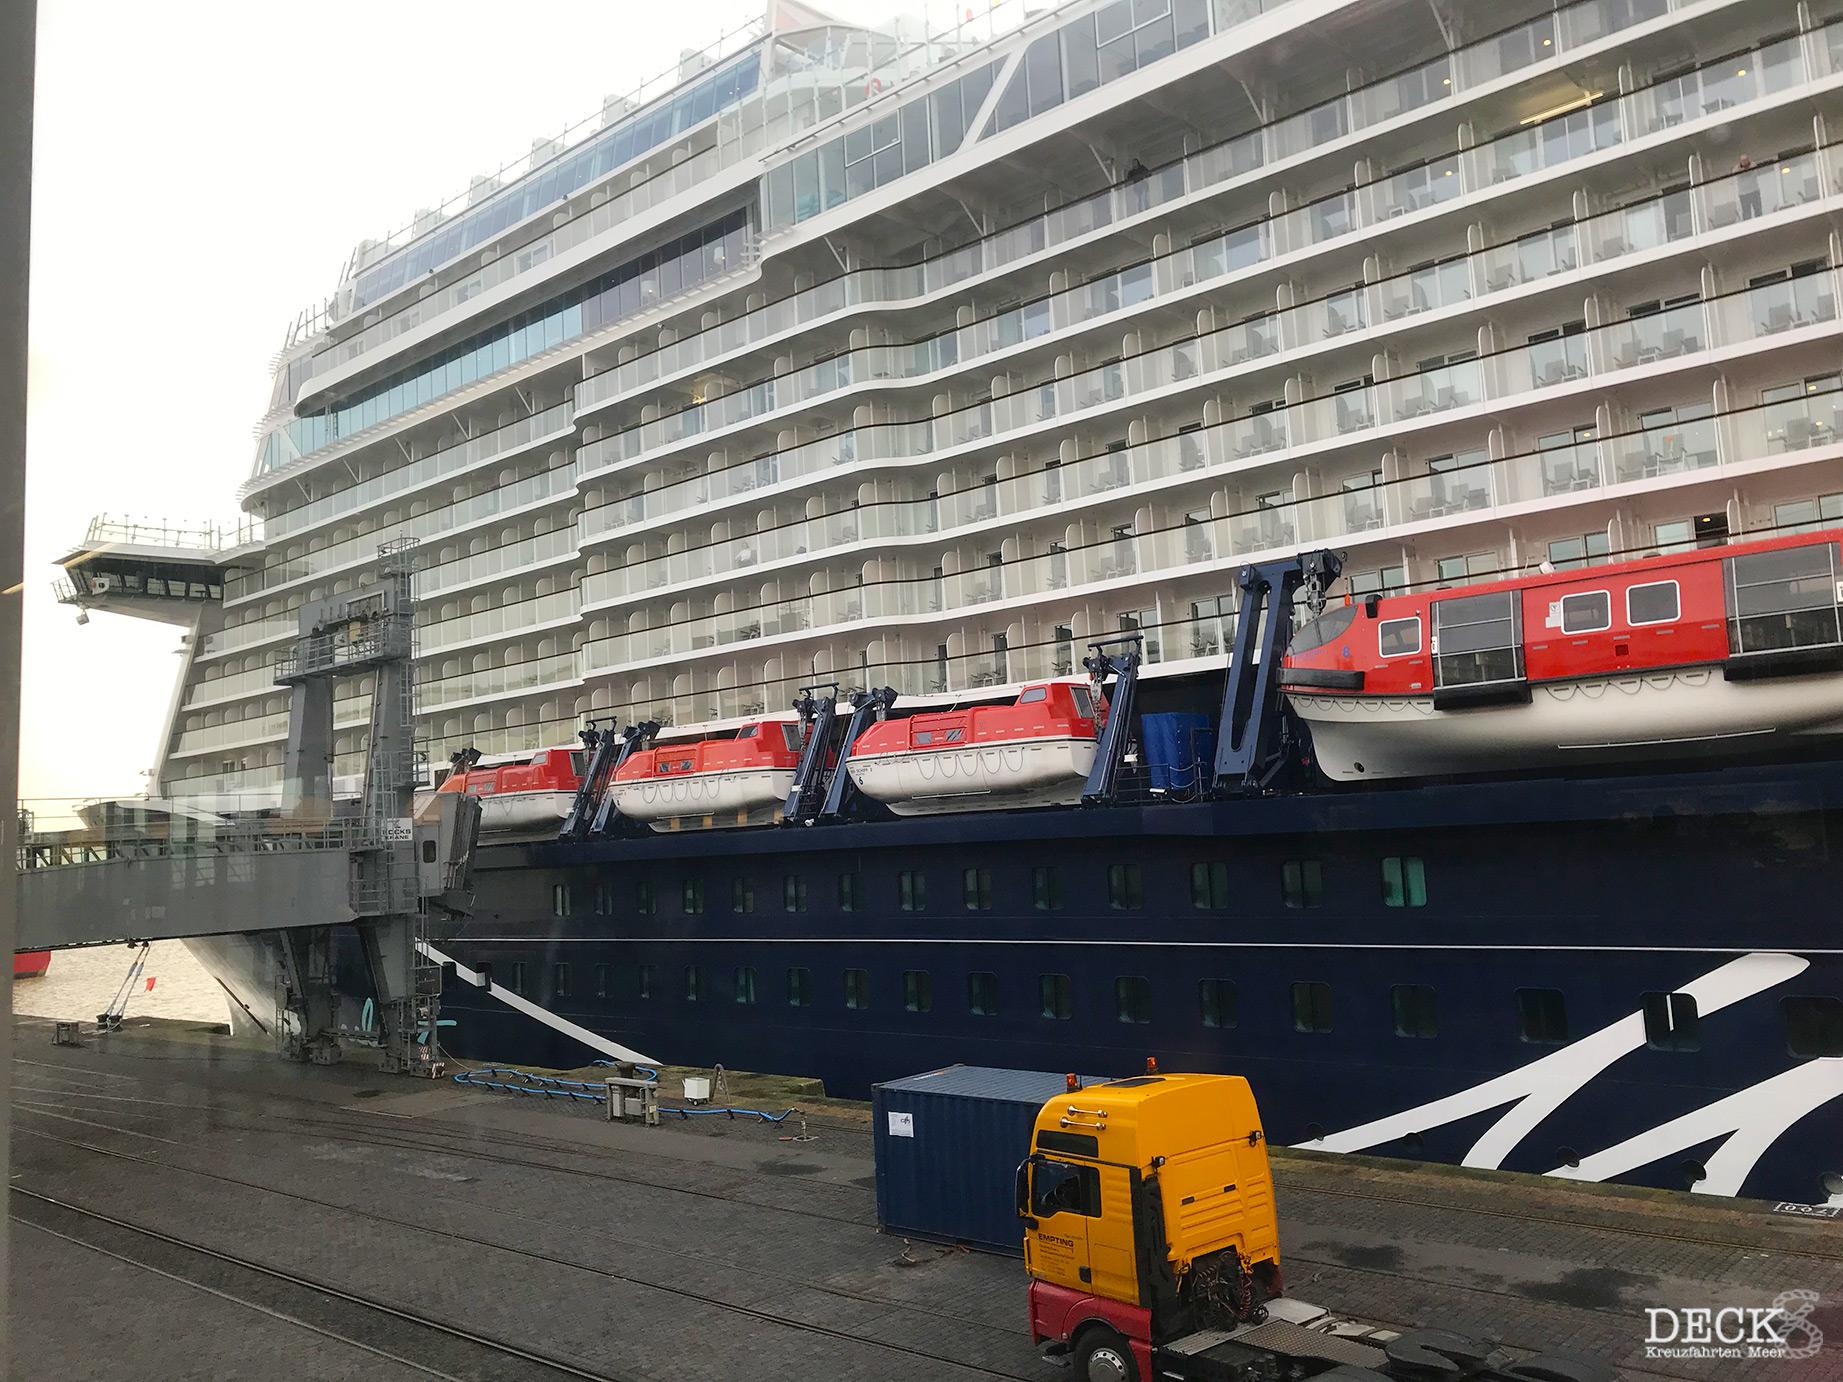 Vorfreude-Kreuzfahrt mit der neuen Mein Schiff 2 | Reisebericht Teil 1